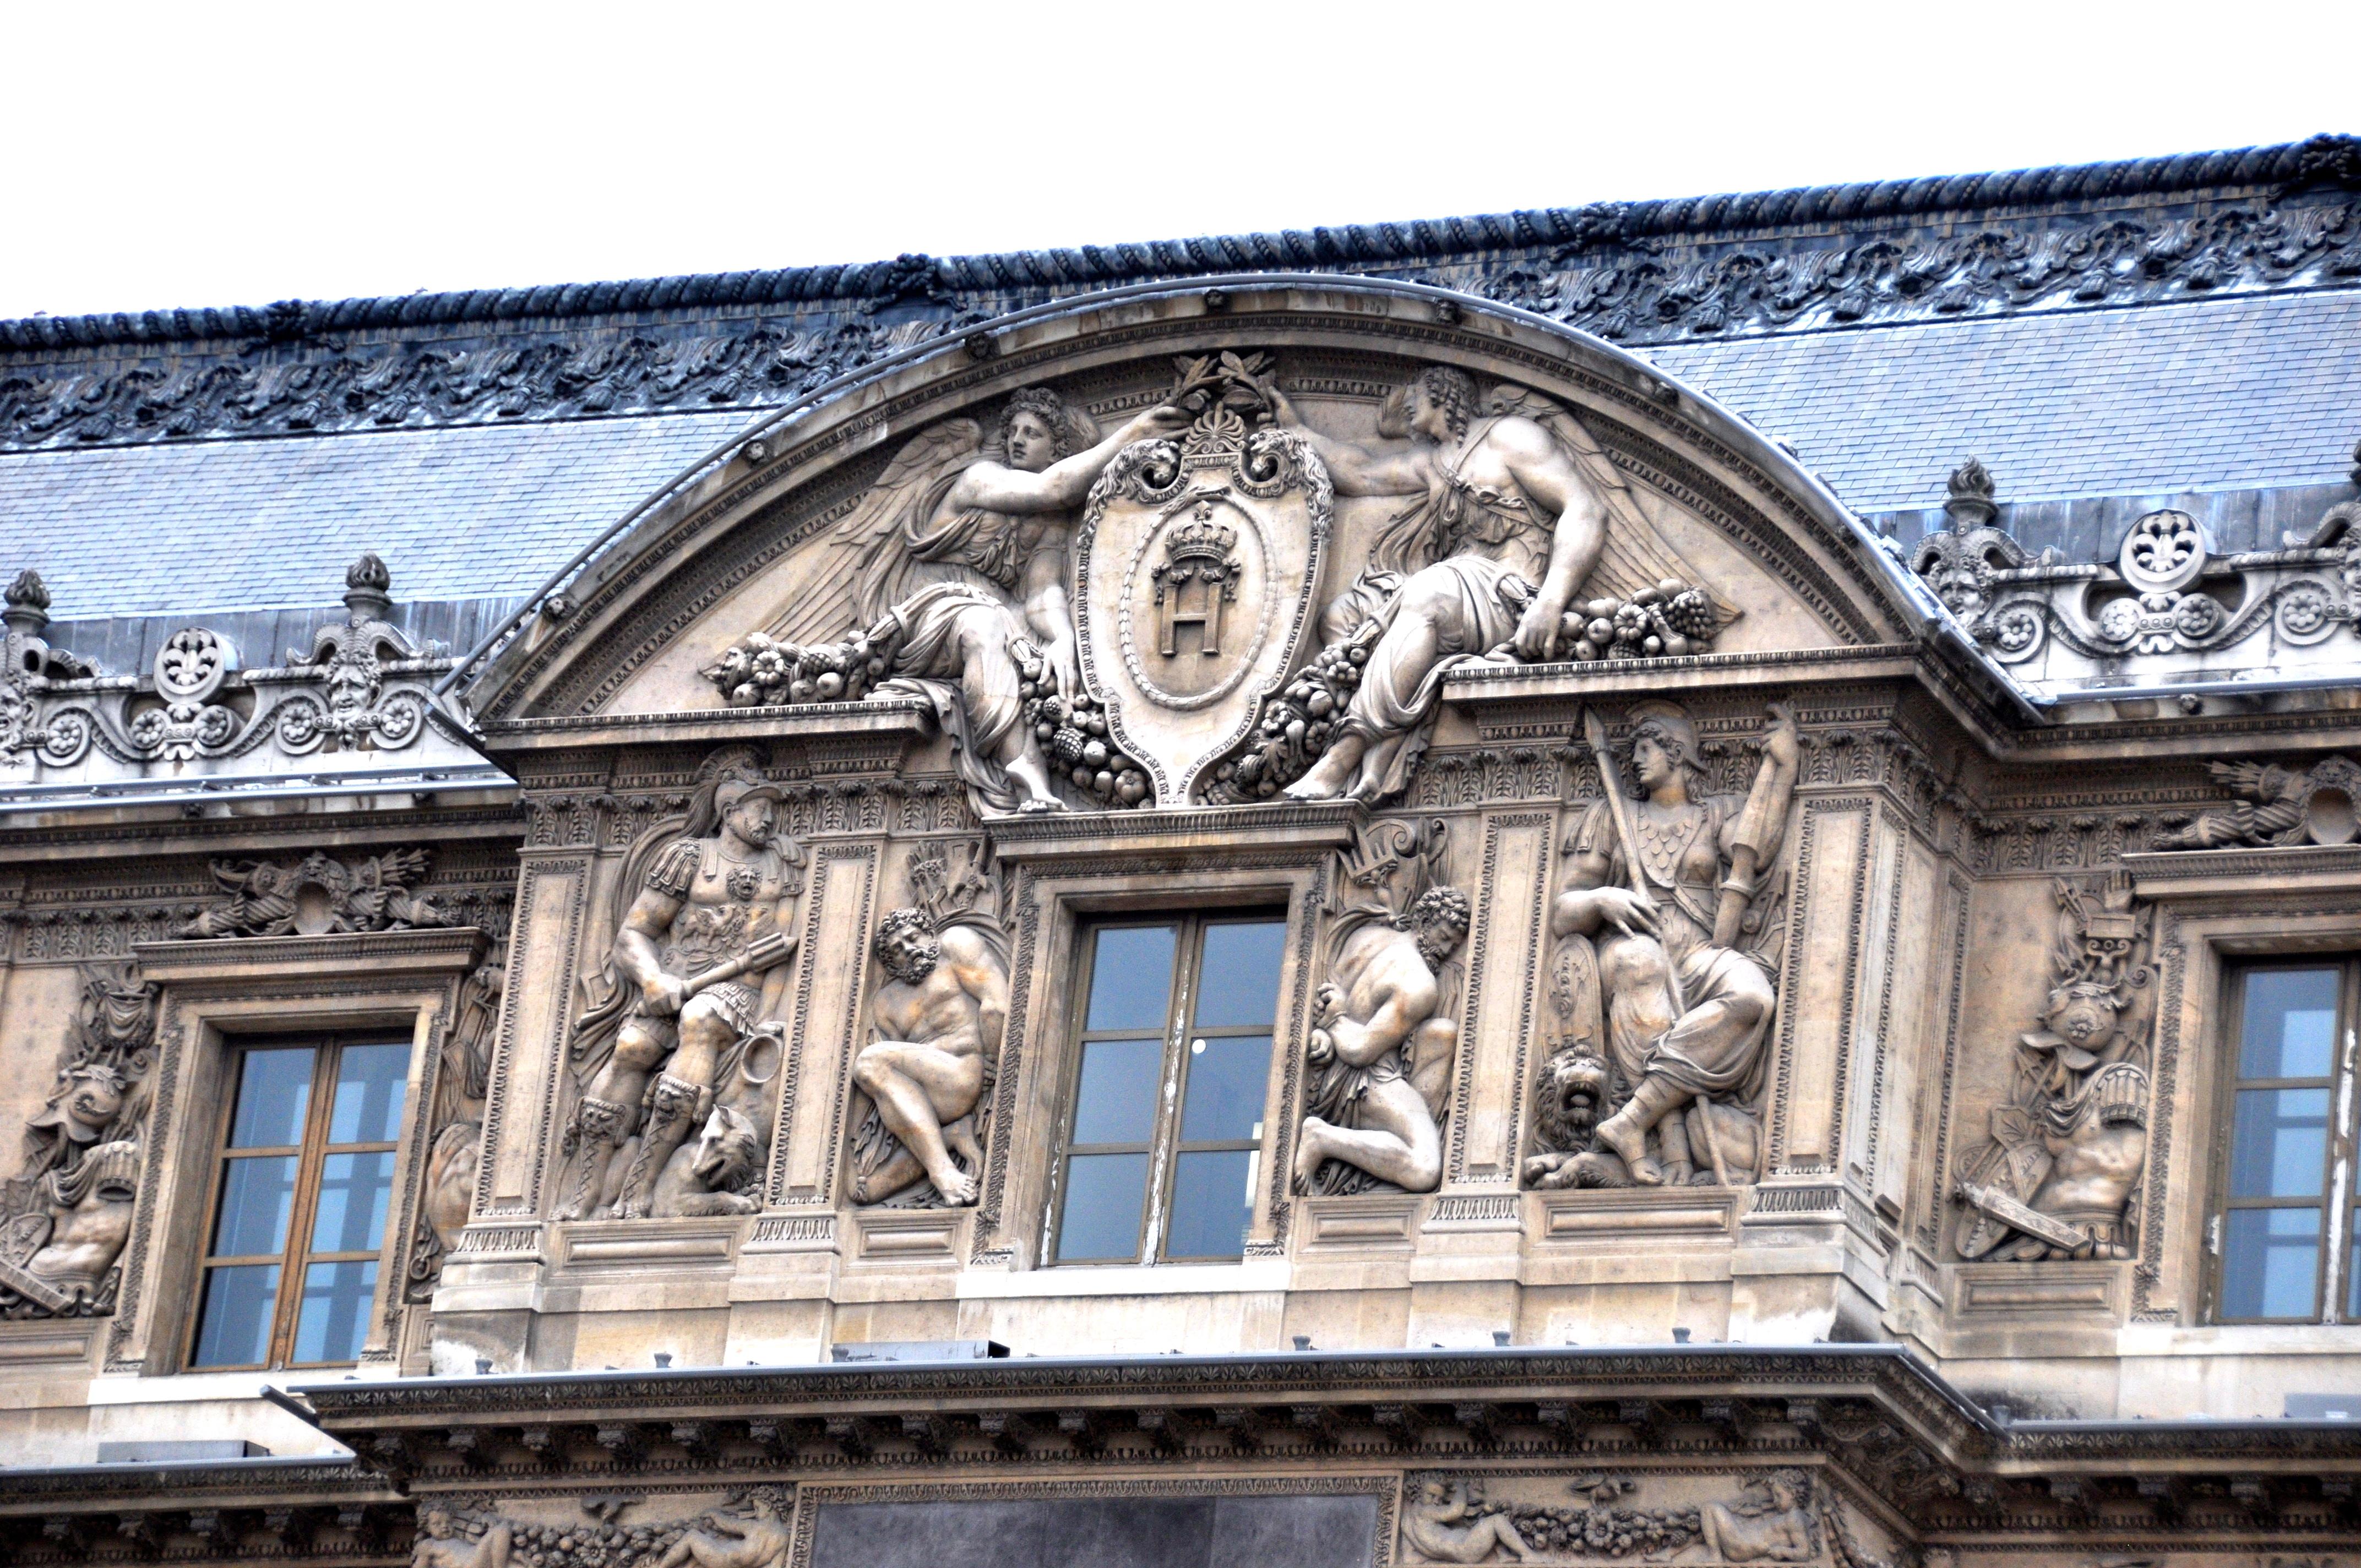 Détail de la façade Renaissance de Jean Goujon et Pierre Lescot, la Cour Carrée du Louvre, Paris